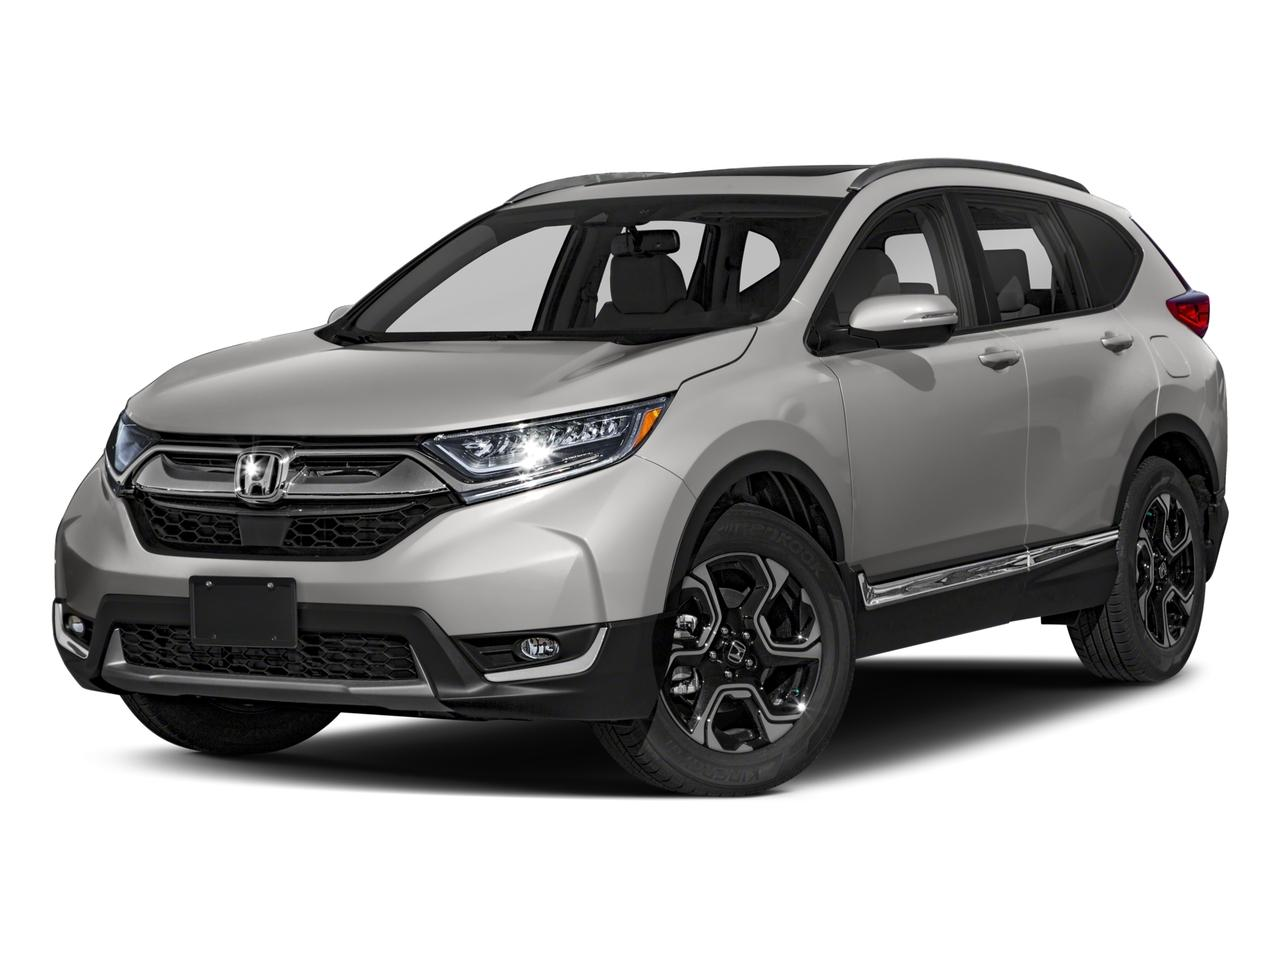 2018 Honda CR-V Vehicle Photo in Colorado Springs, CO 80905